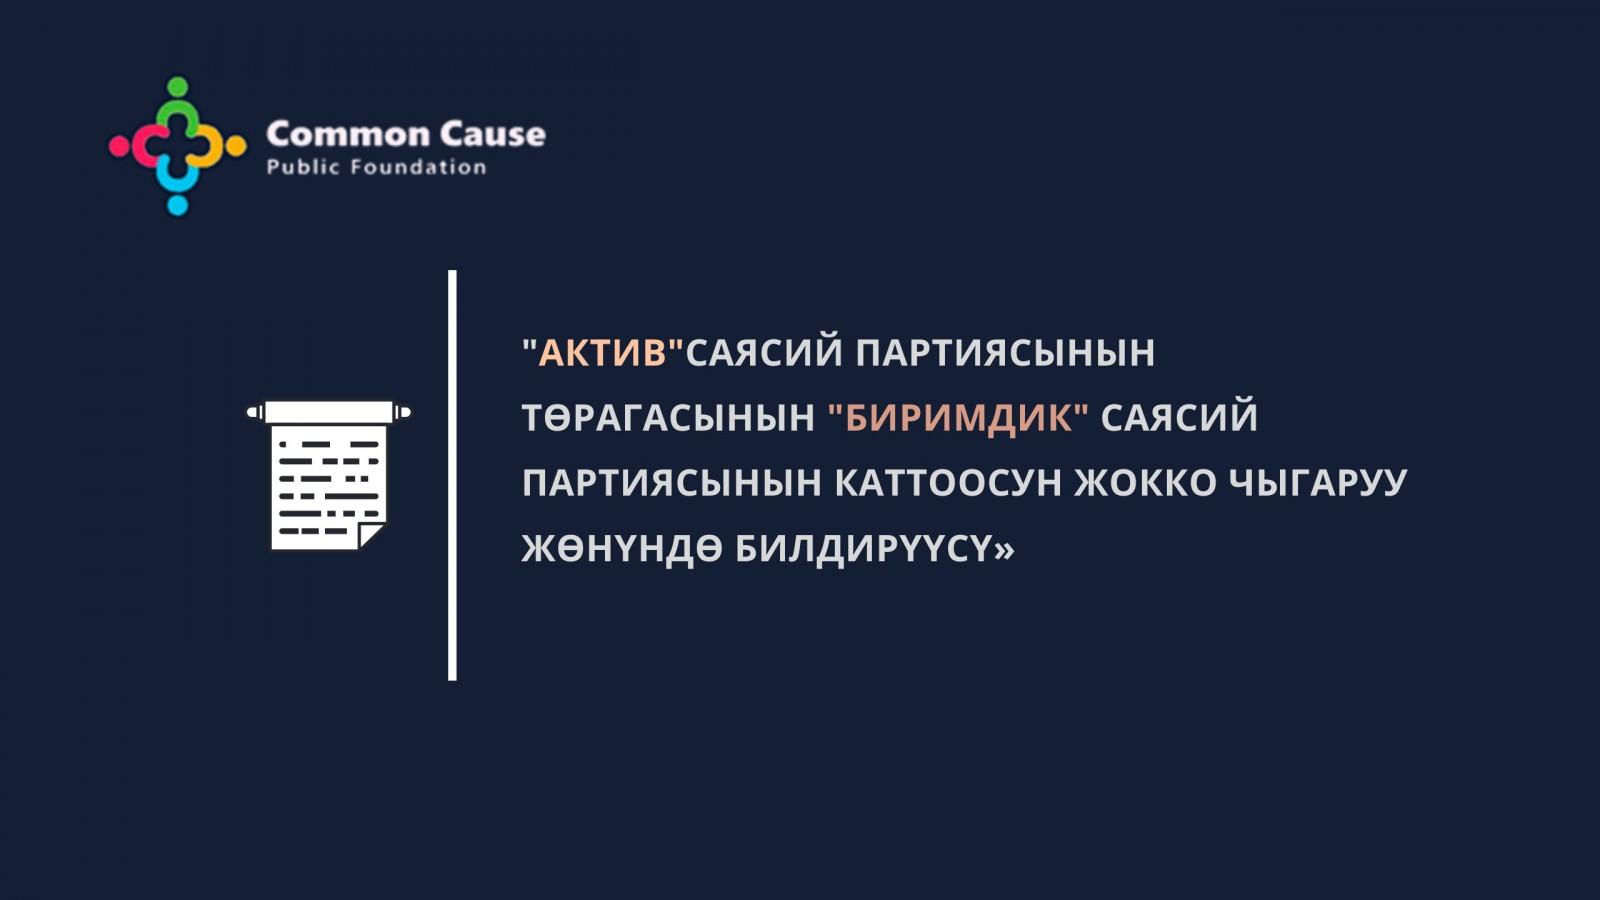 «Актив»саясий партиясынын төрагасынын «Биримдик» саясий партиясынын каттоосун жокко чыгаруу жөнүндө билдирүүсү